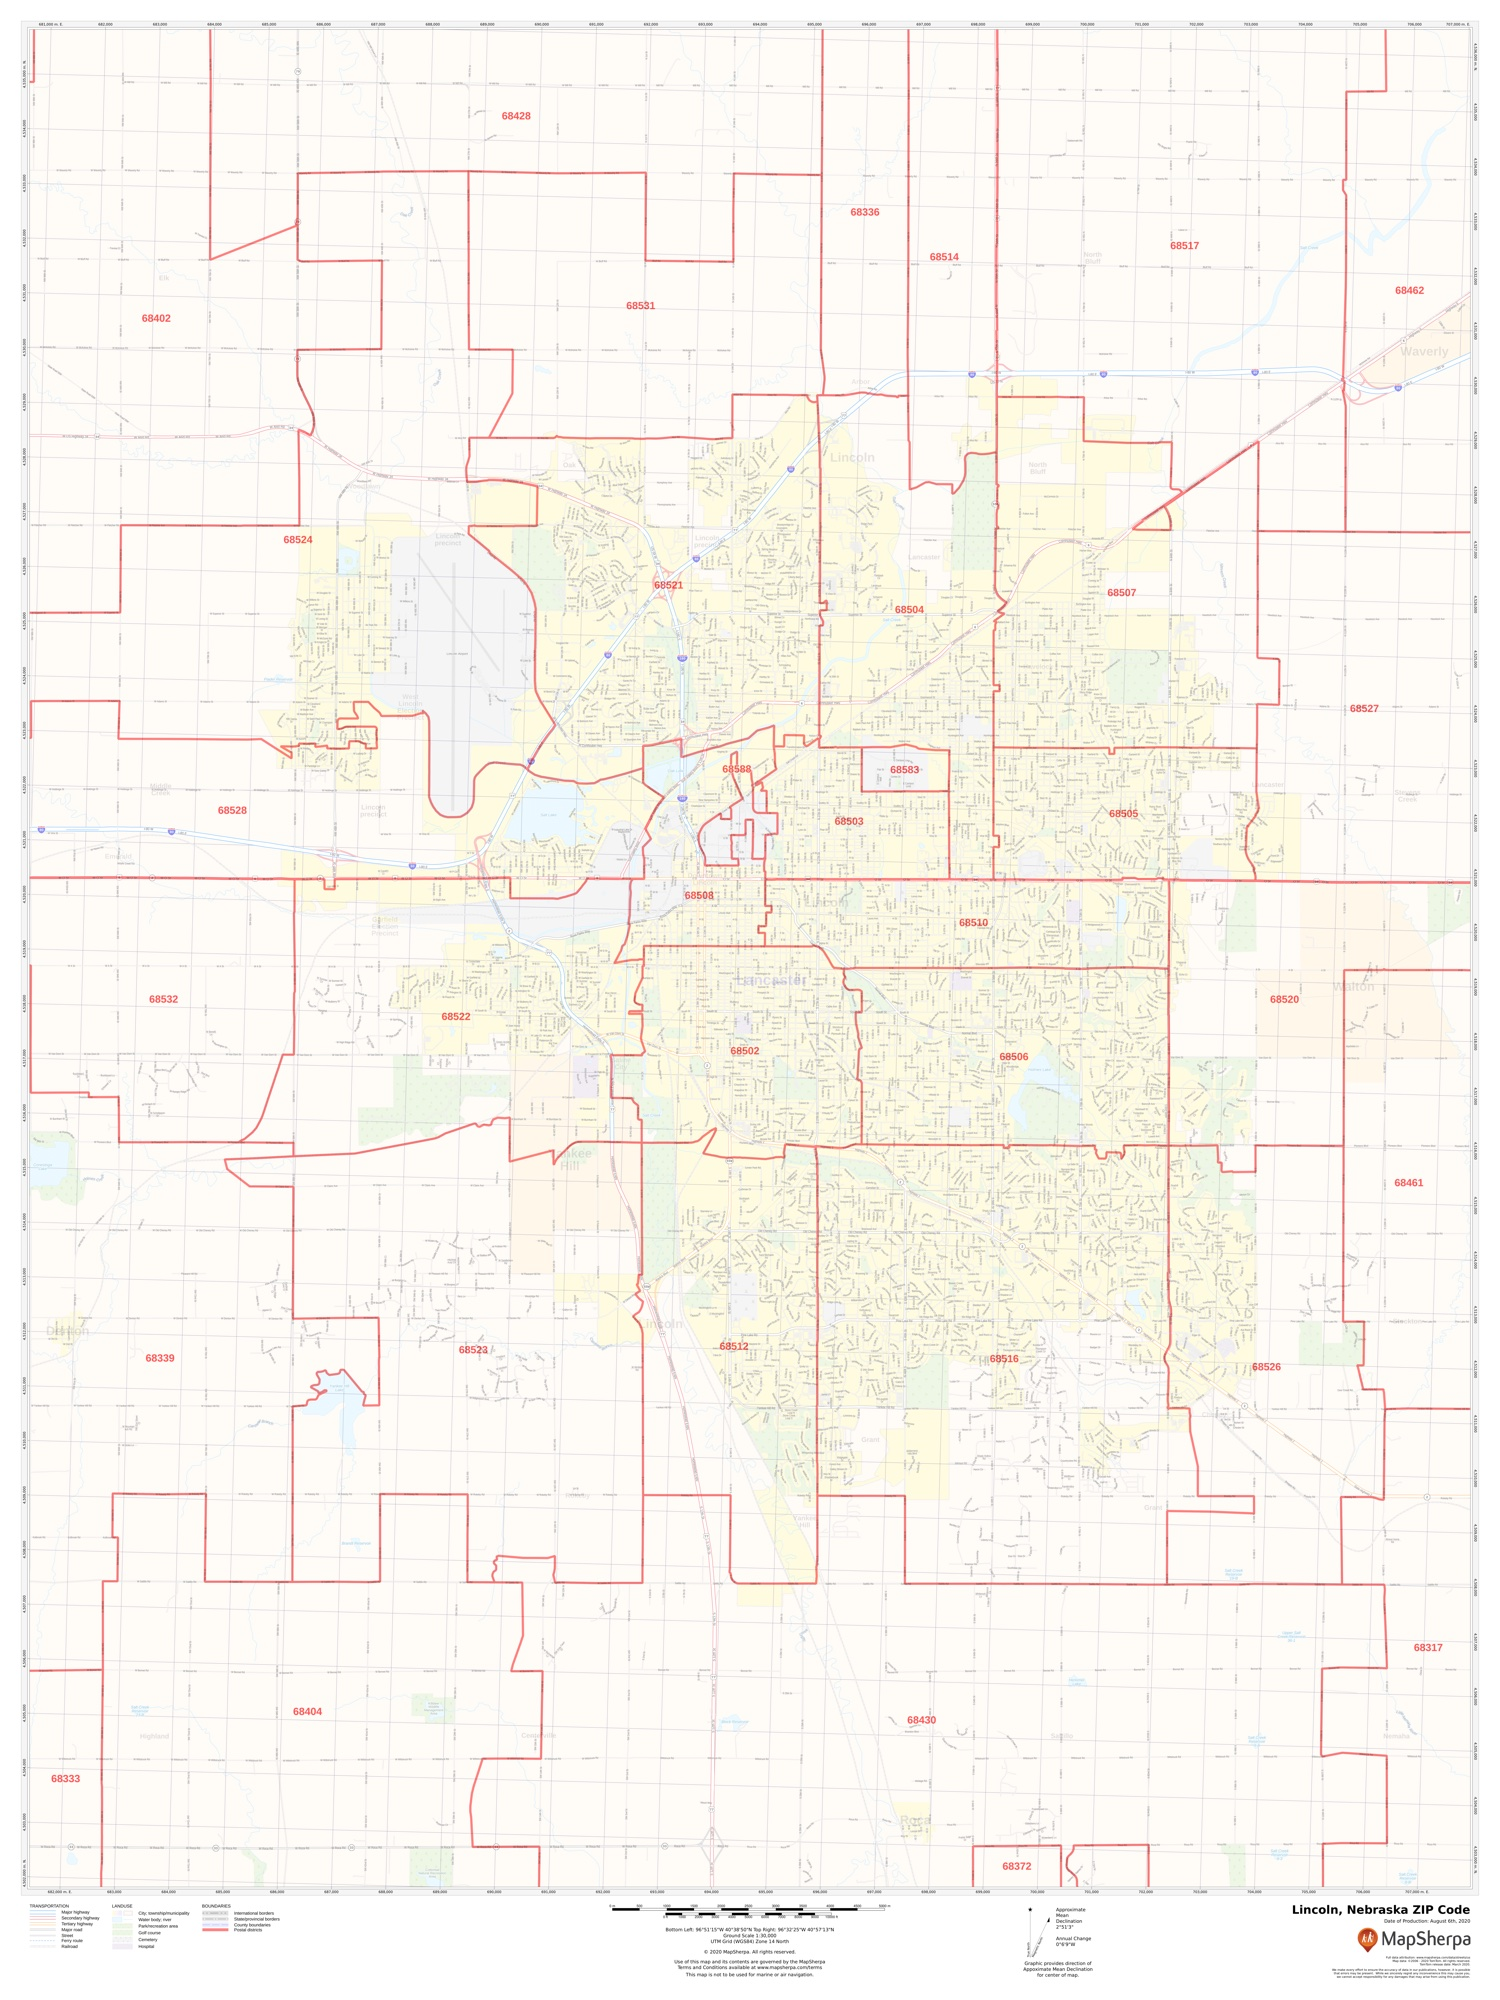 Lincoln Ne Zip Code Map : lincoln, Lincoln